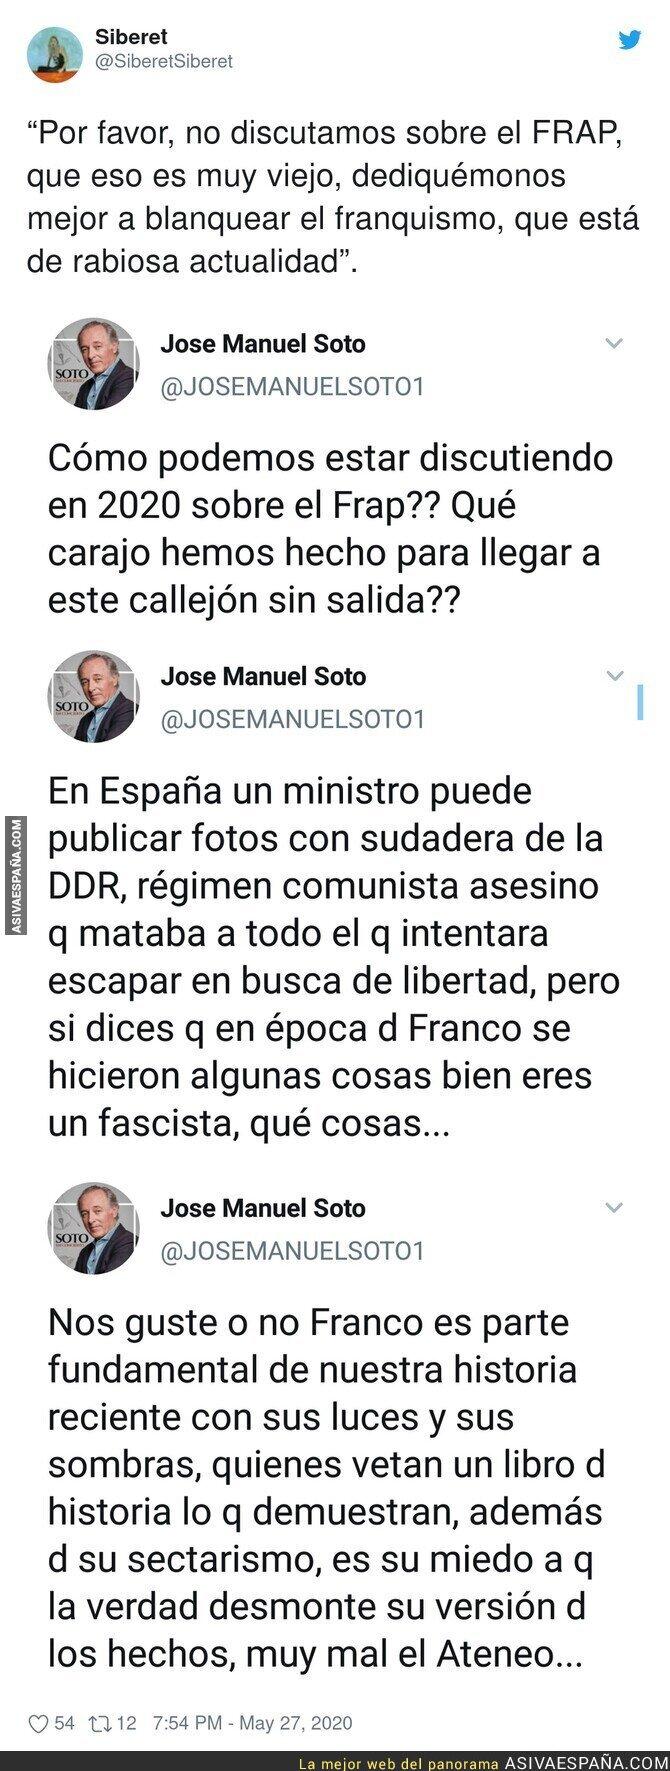 186881 - José Manuel Soto dejando claro su posición sobre el franquismo con estos tuits que le dejan totalmente retratado